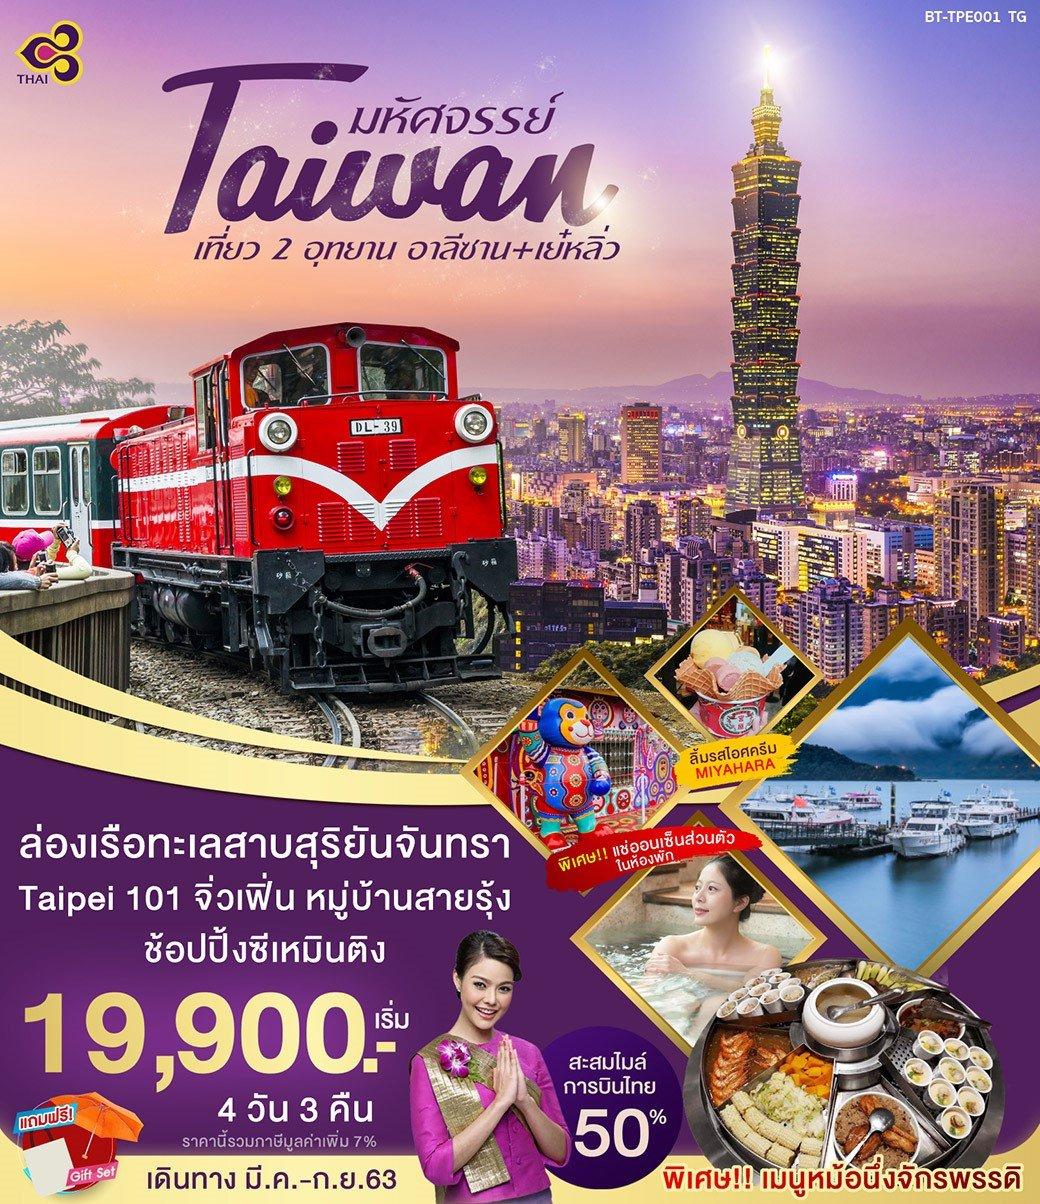 ทัวร์ไต้หวัน มหัศจรรย์....TAIWAN เที่ยว 2 อุทยานอาลีซาน+เย๋หลิ่ว บินการบินไทย 4 วัน 3 คืน